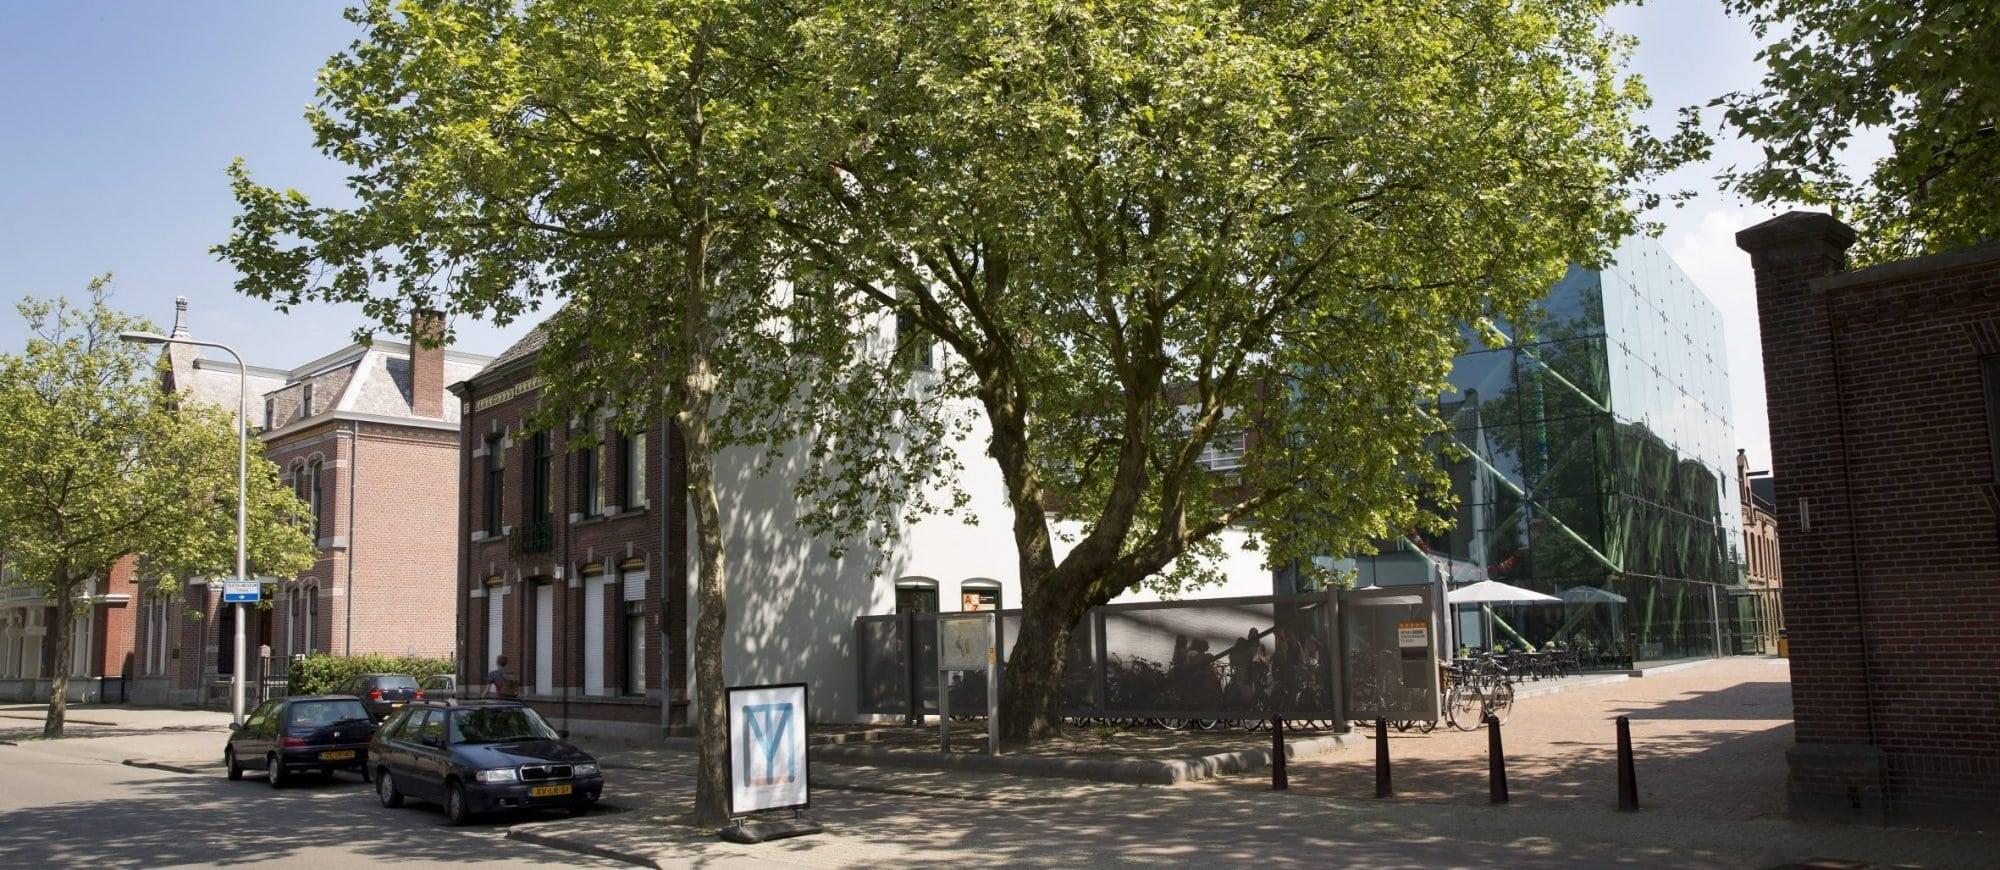 Museumaanzicht vanaf de Goirkestraat